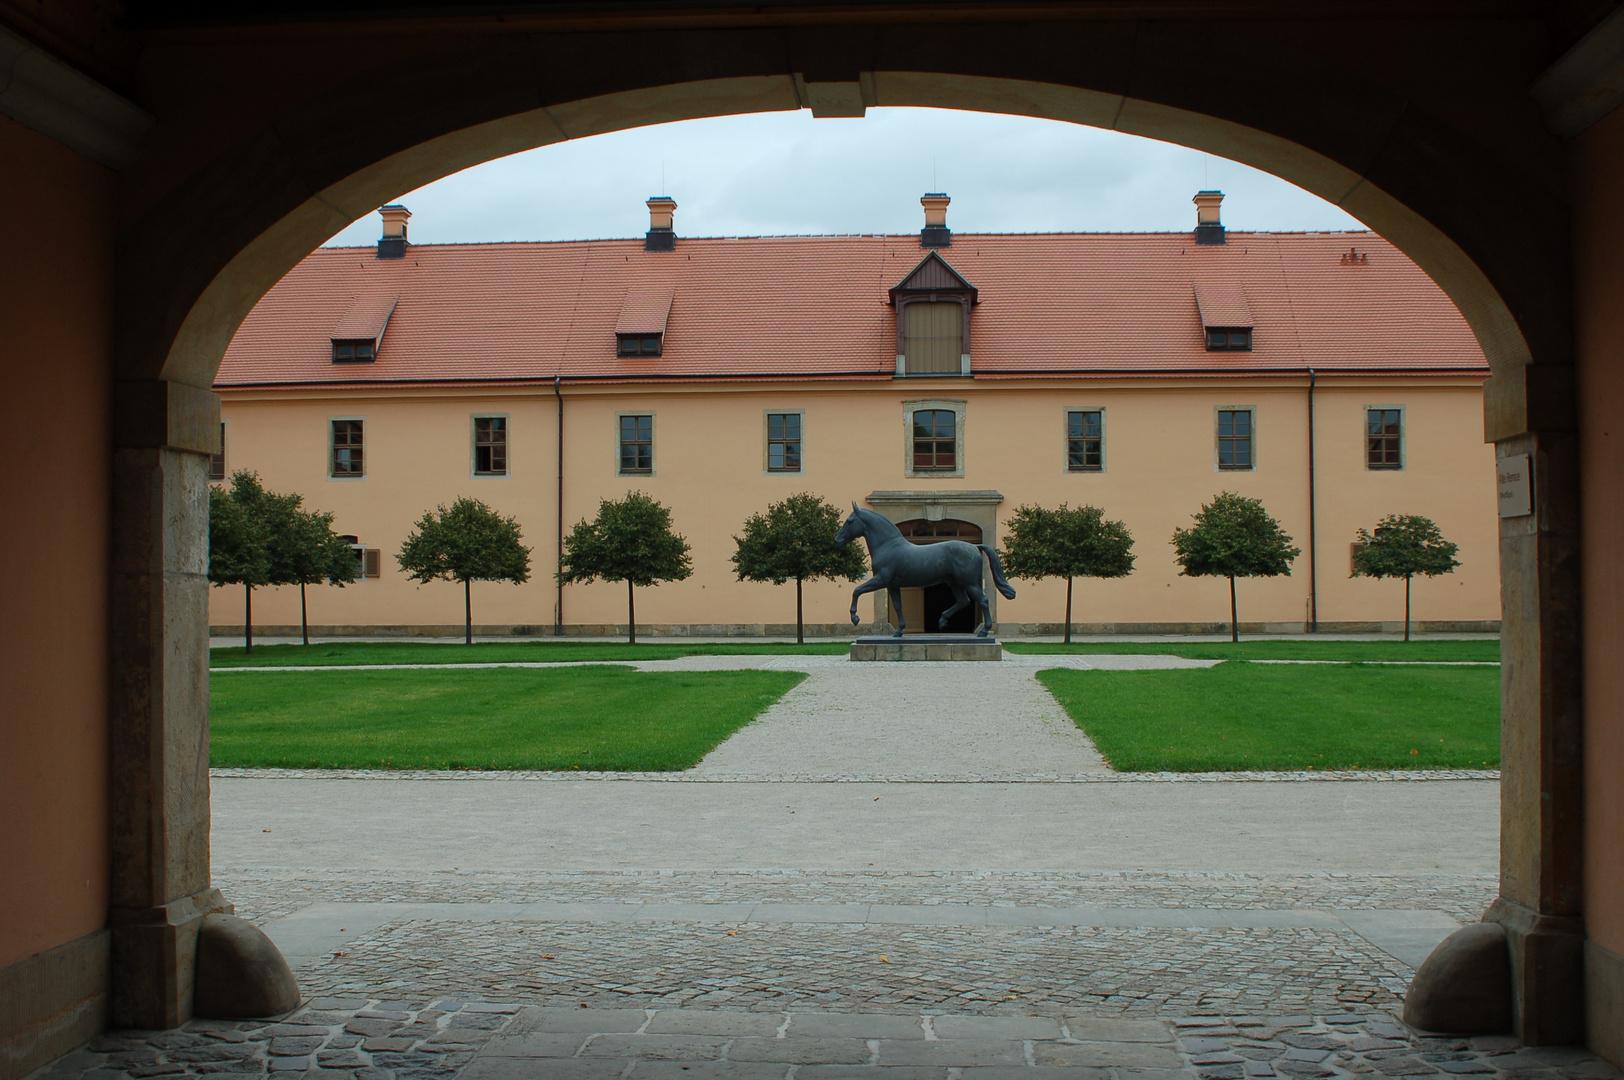 Gestüt Moritzburg